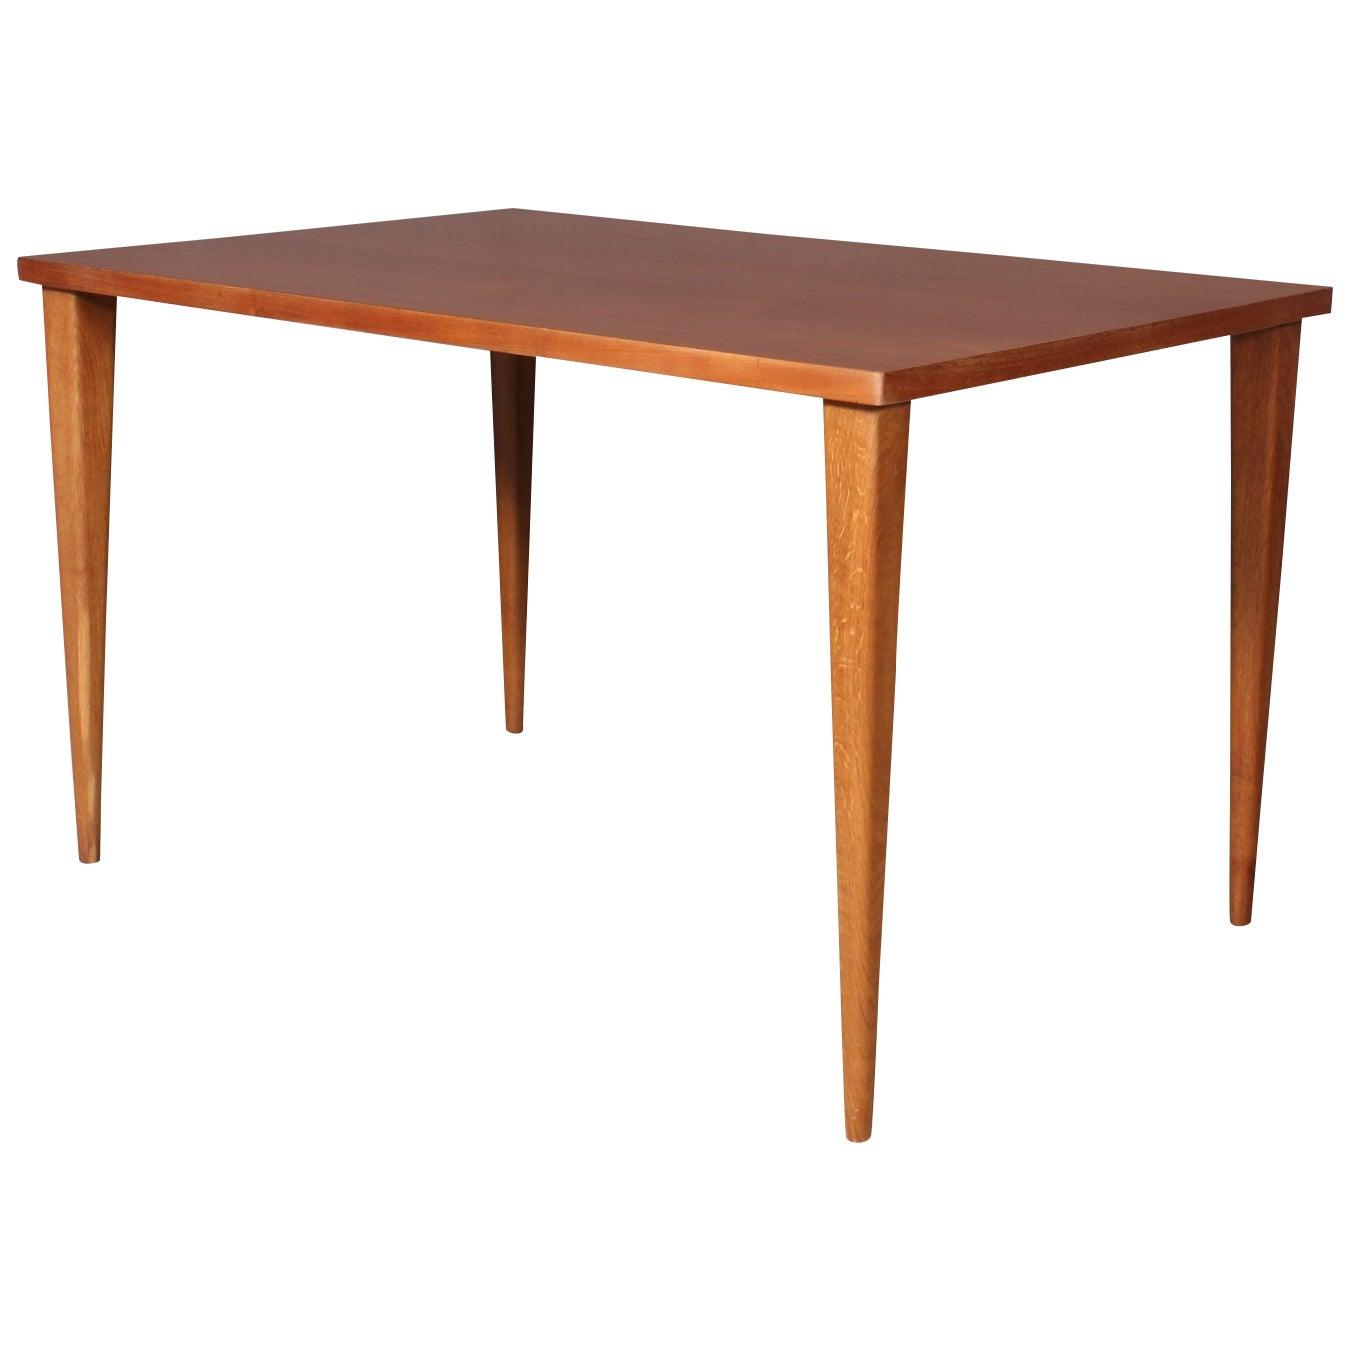 Nanna & Jørgen Ditzel, Table